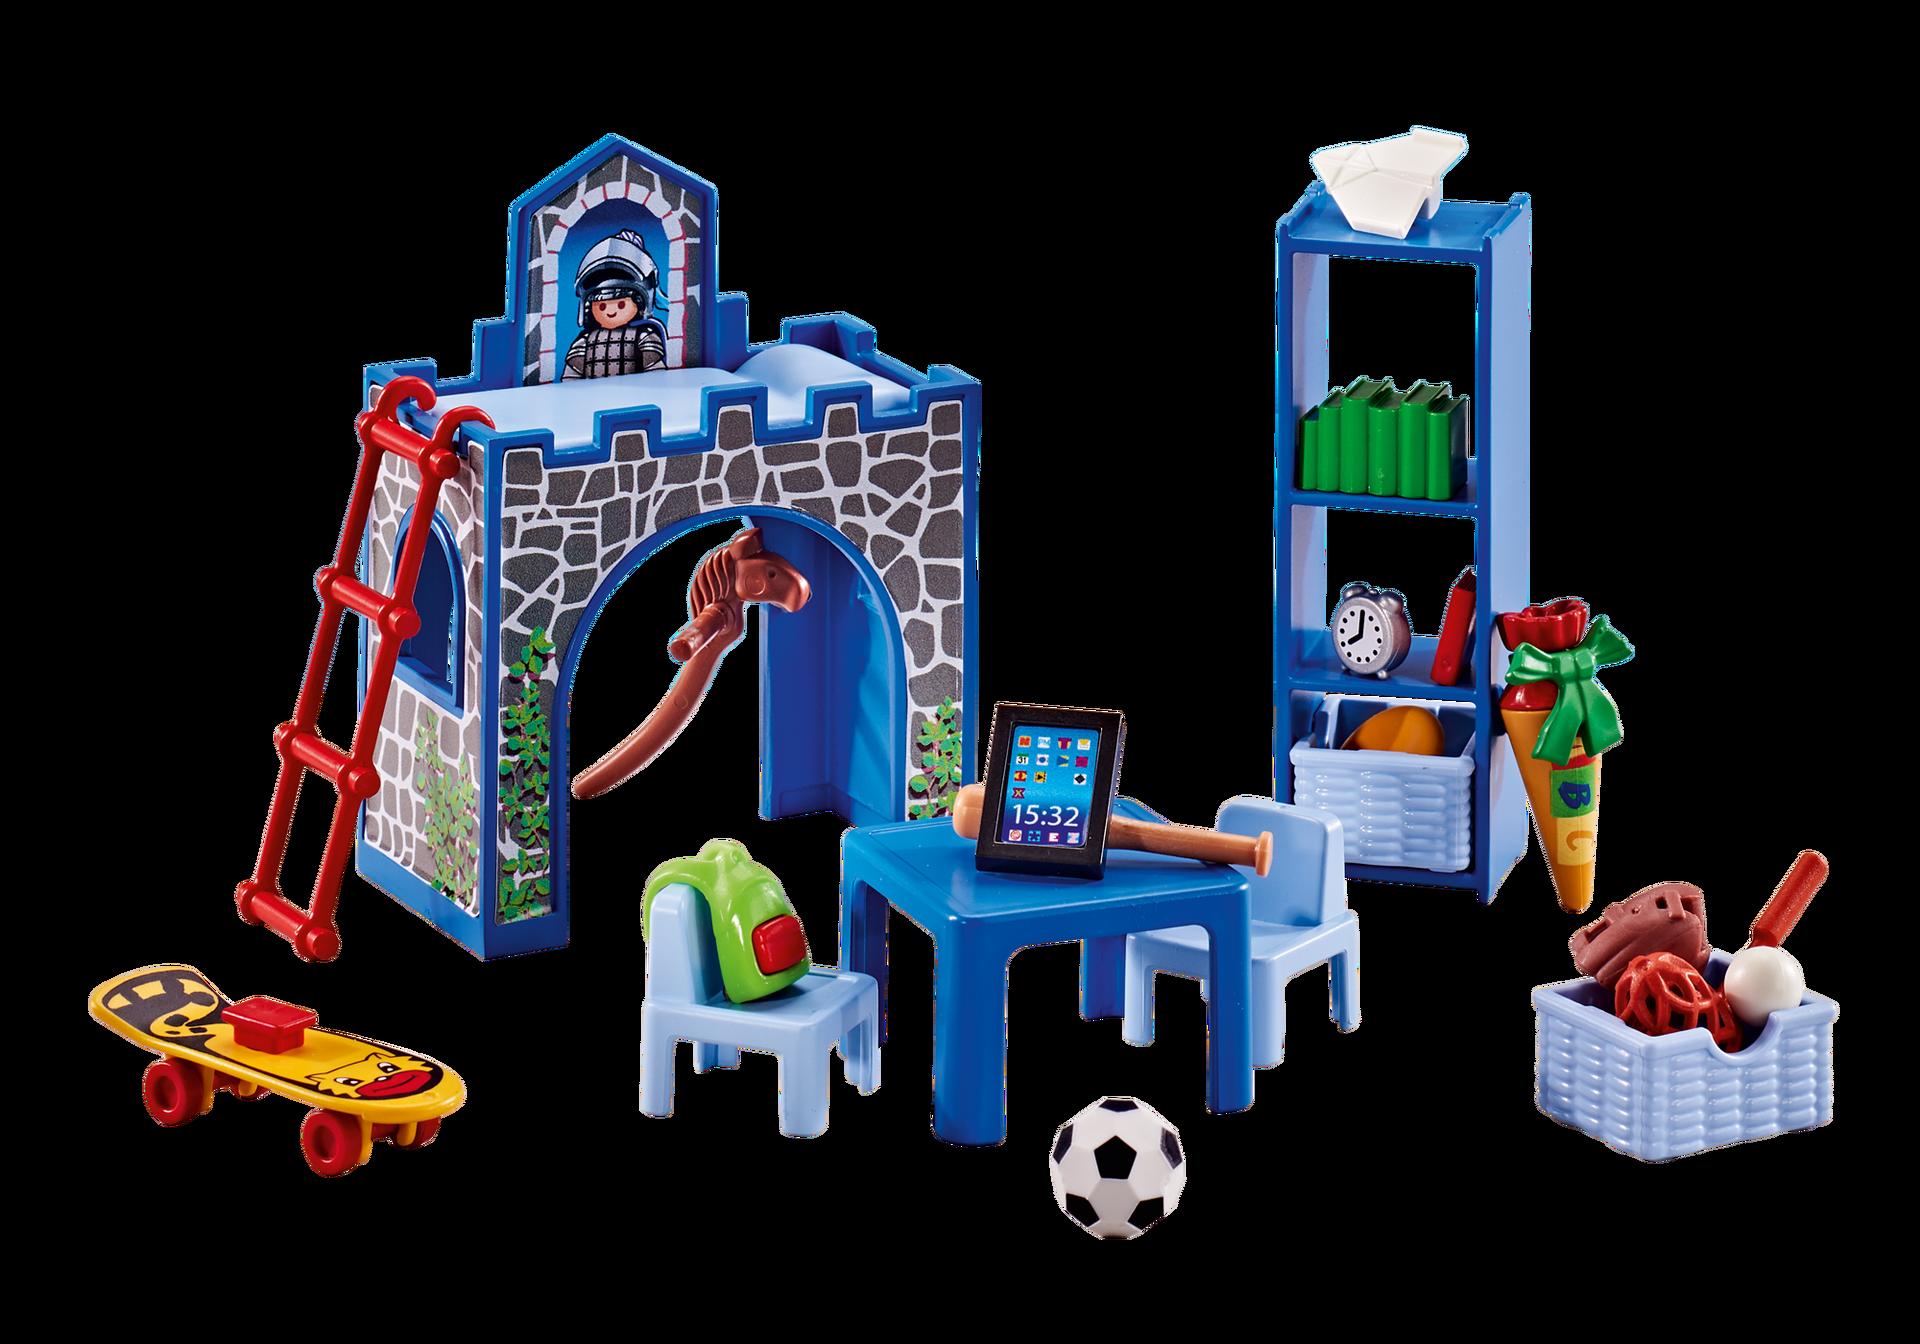 Am nagement pour chambre d 39 enfant 6556 playmobil france - Playmobil chambre enfant ...